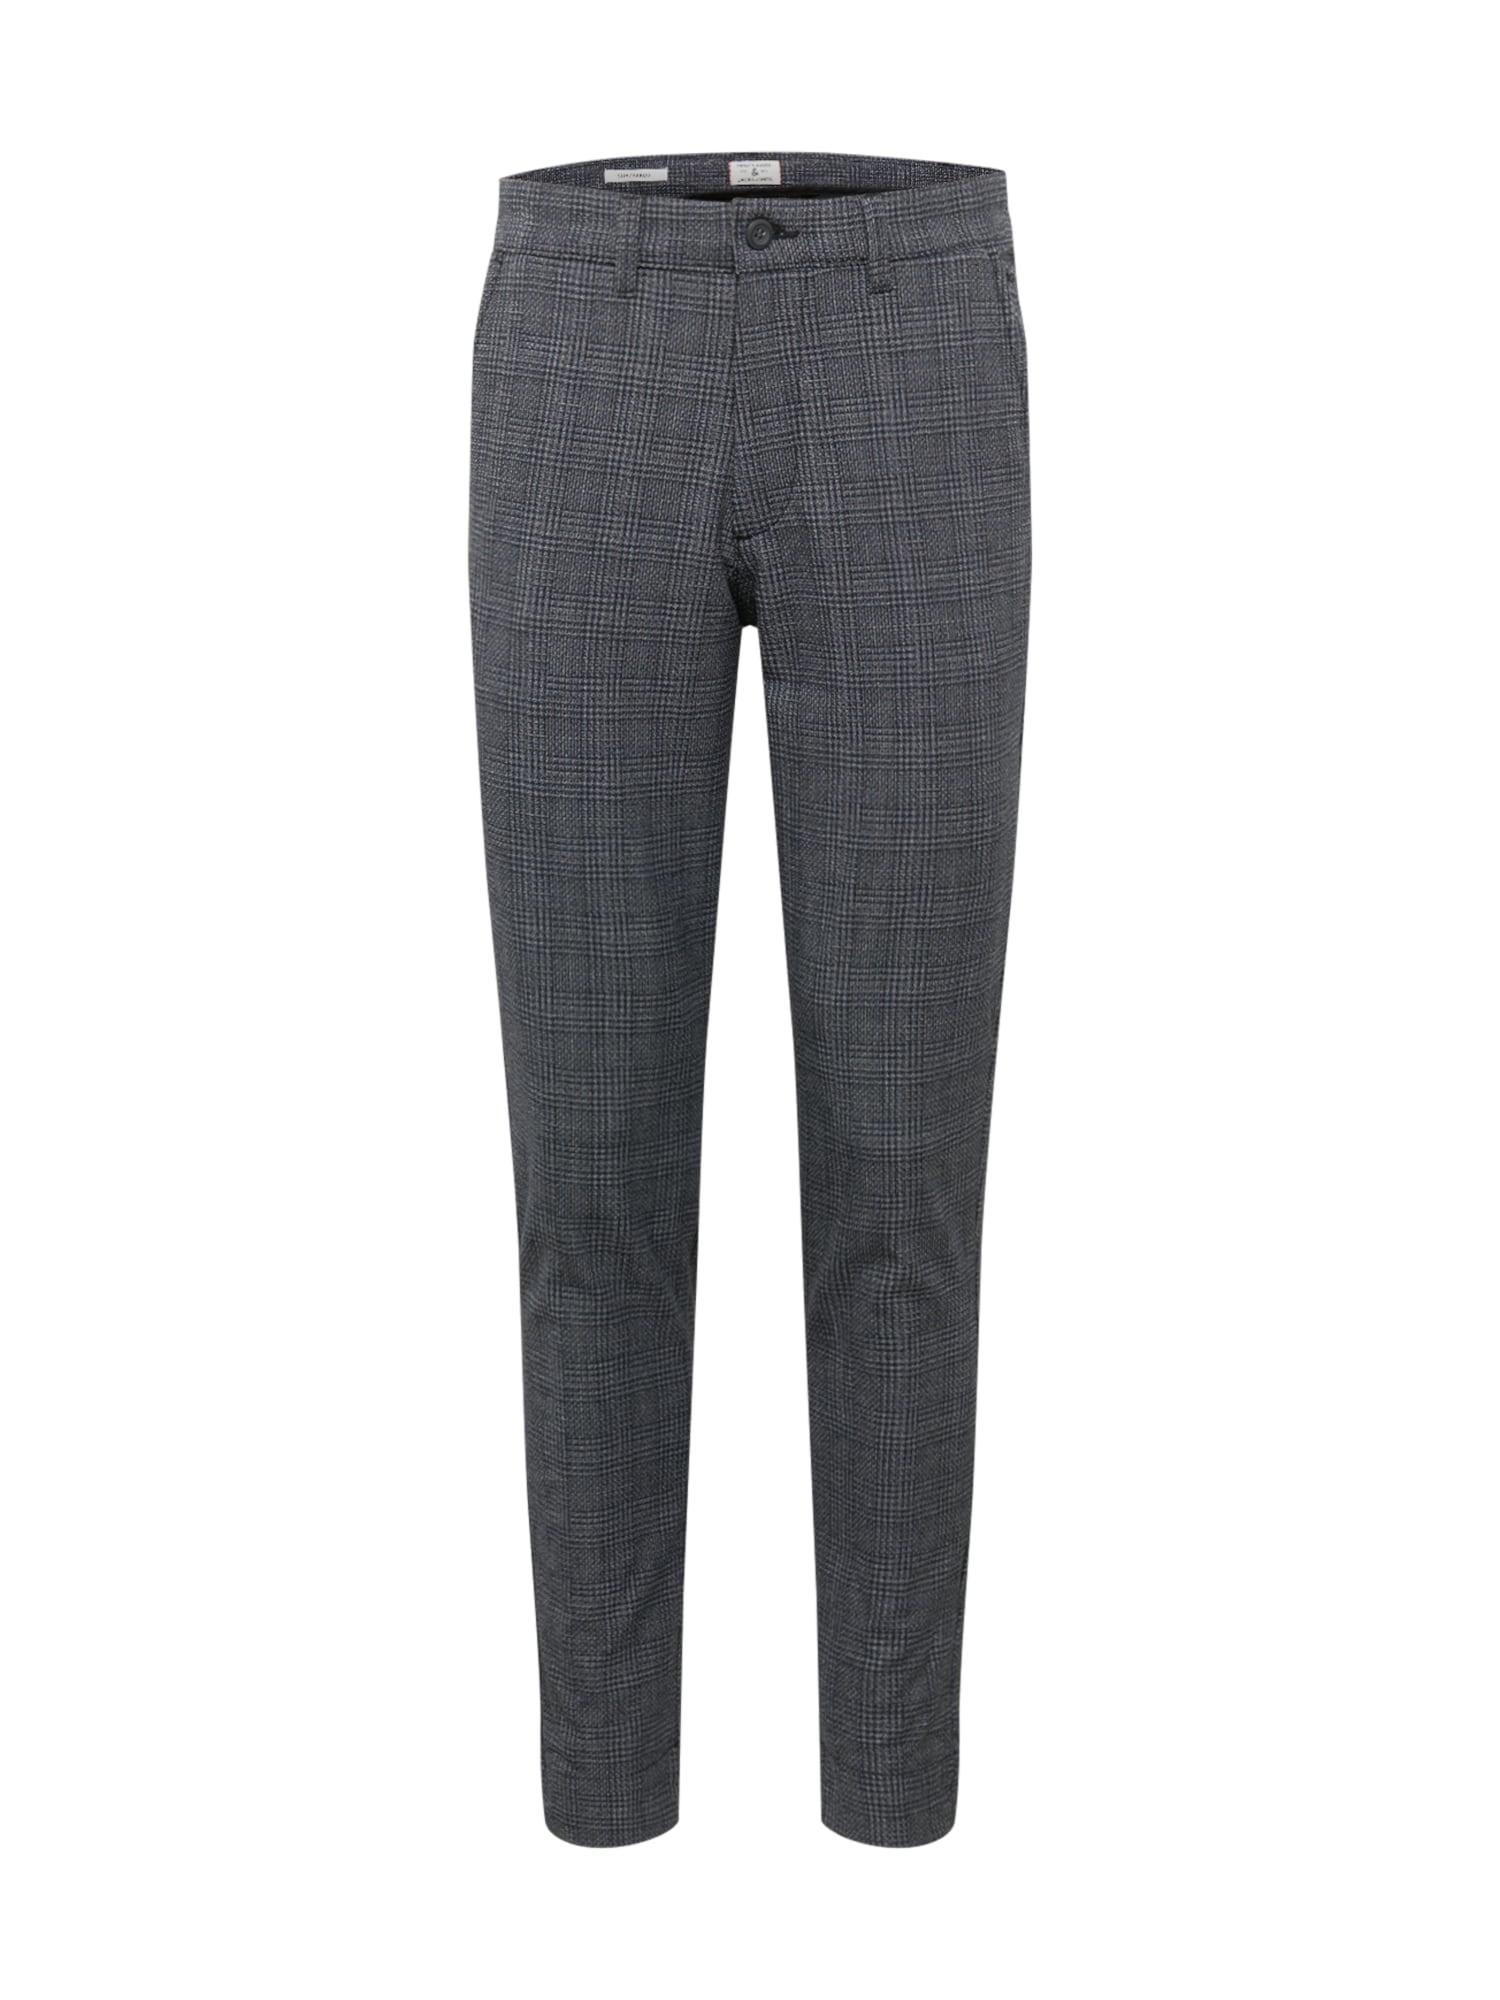 JACK & JONES Chino kalhoty 'MARCO STUART'  černá / šedá